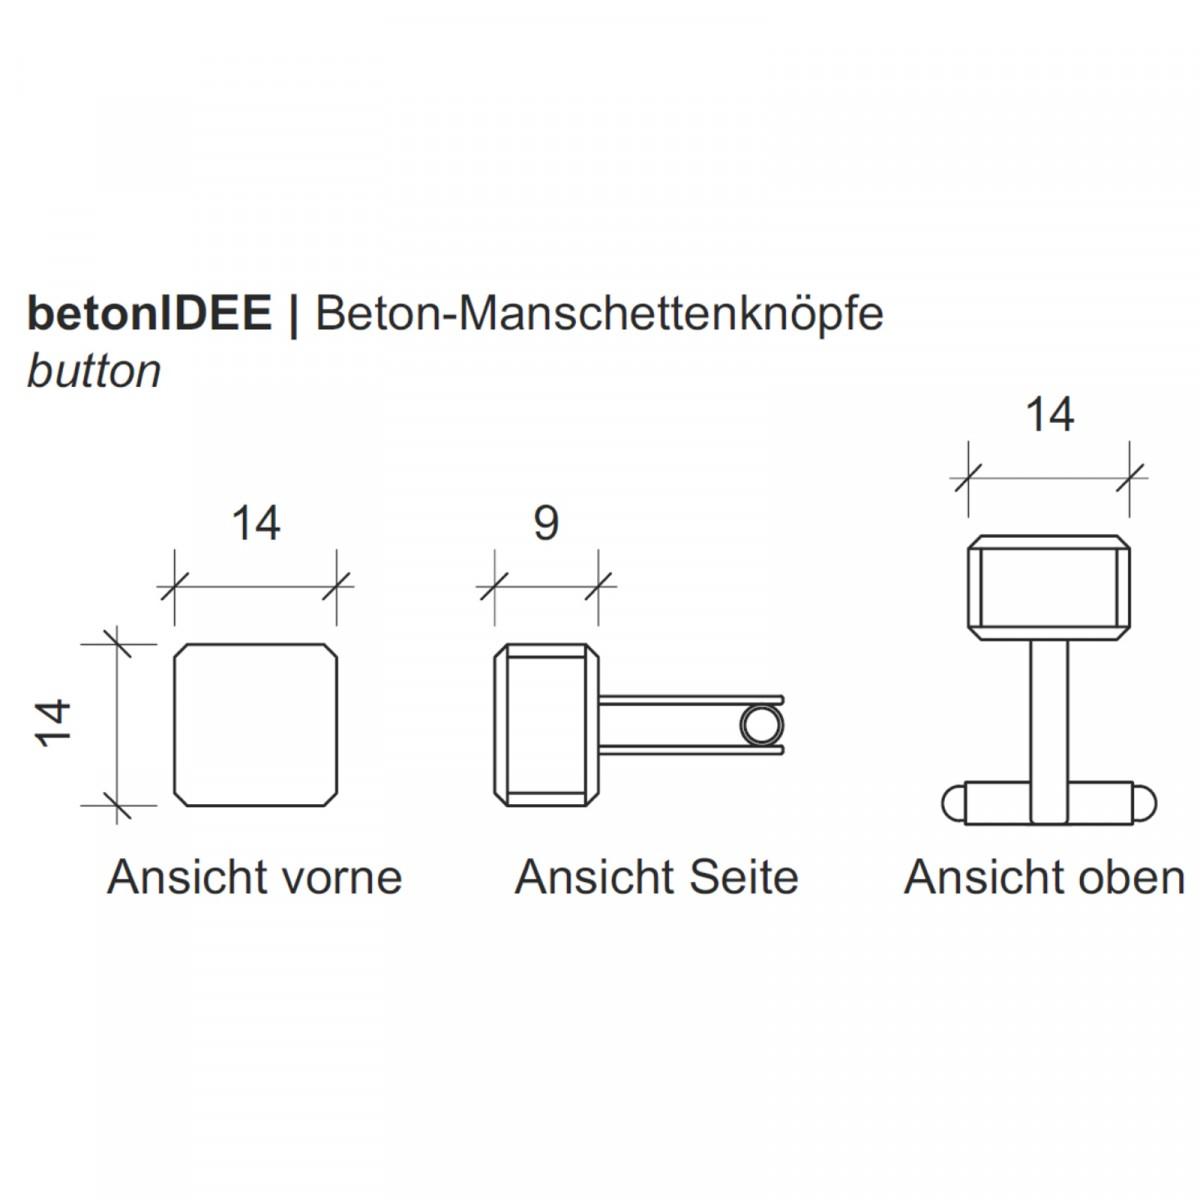 button | Beton-Manschettenknöpfe